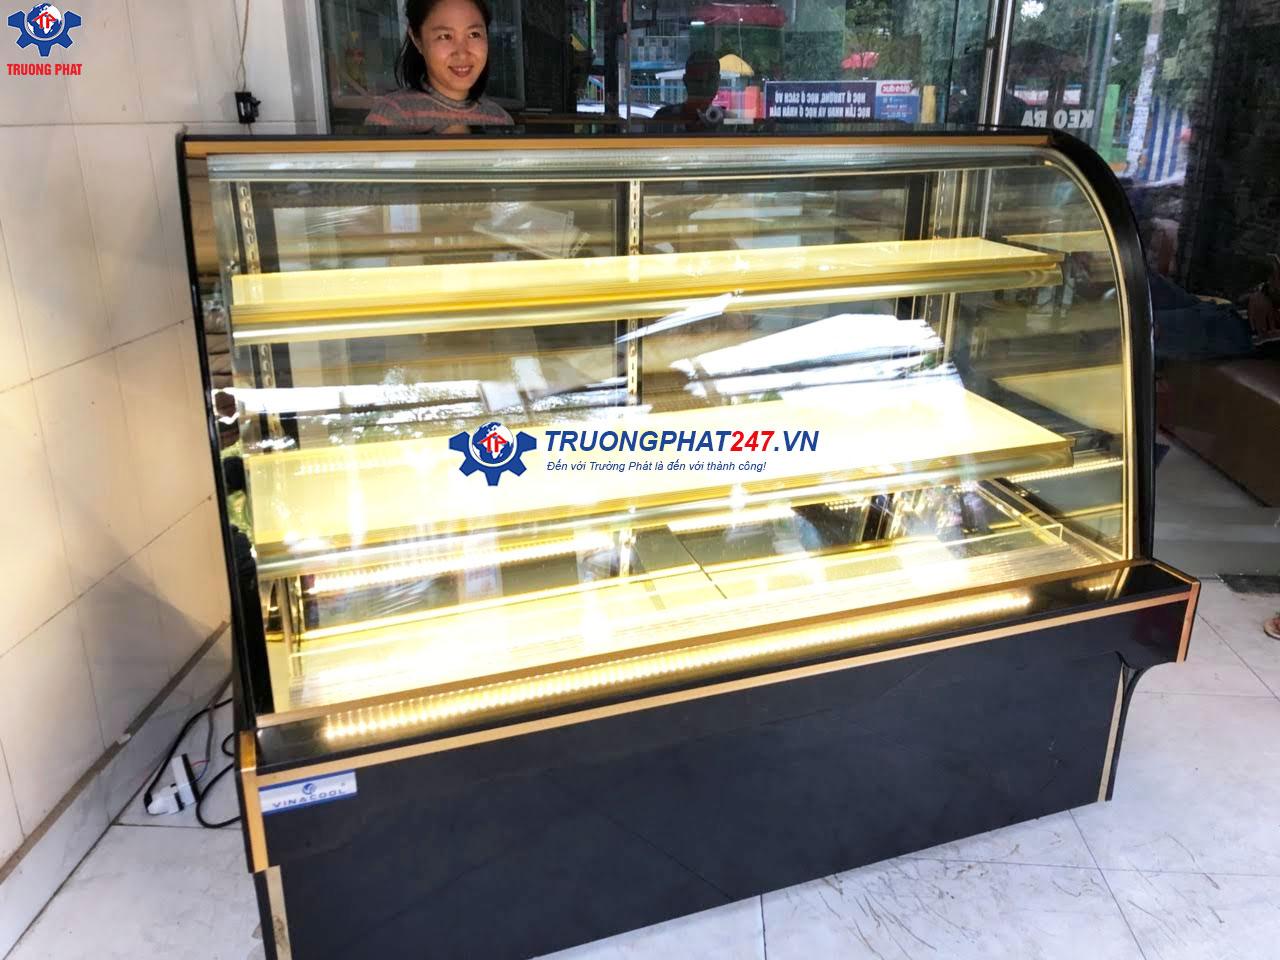 tủ bánh kem kính cong 3 tầng Trường Phát